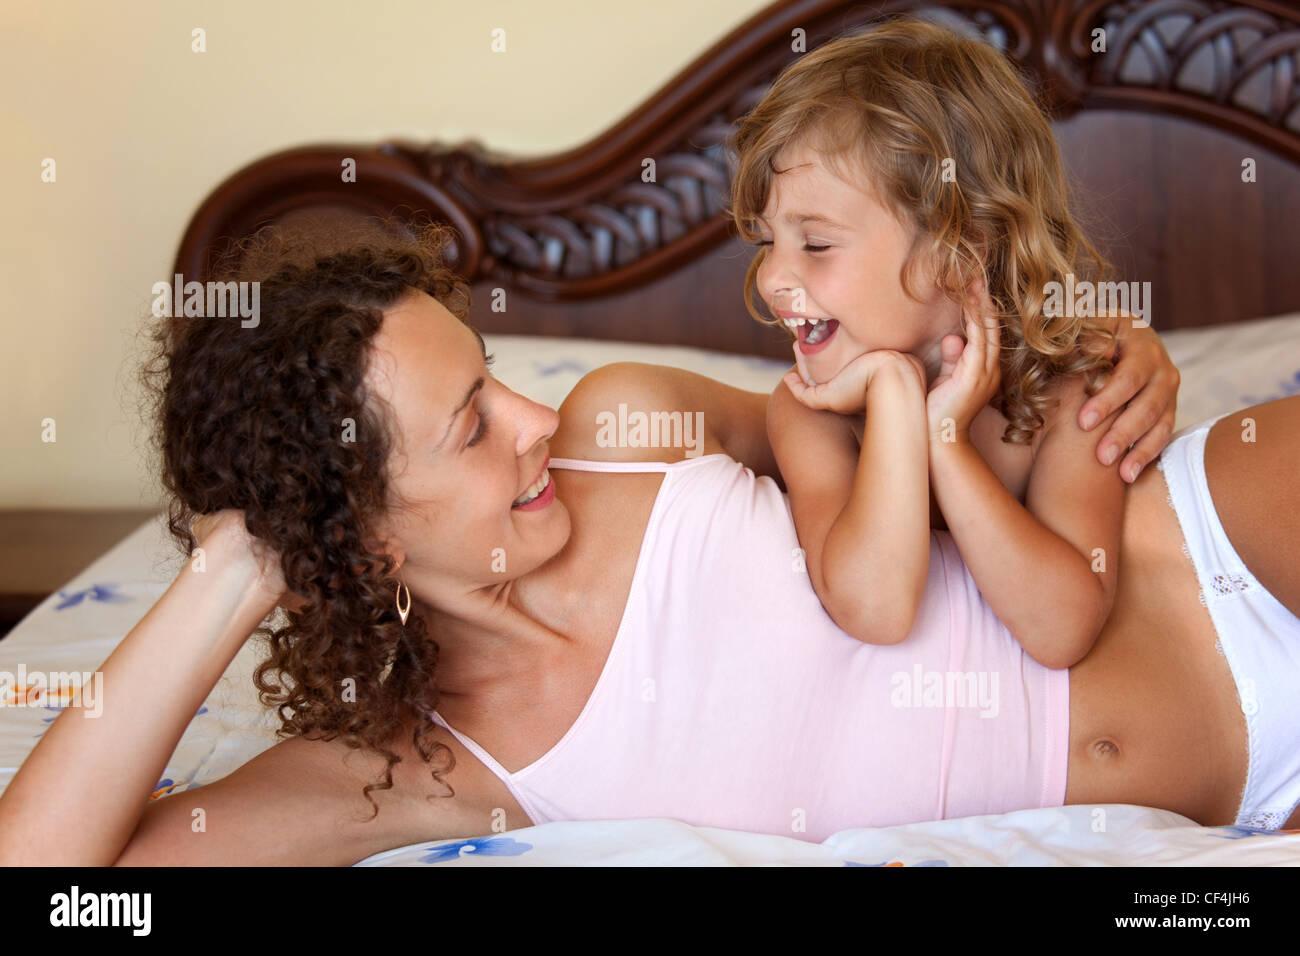 Секс с мамашей в комнате, Роскошно сын ебет мать и вливает ей сперму в нежный 11 фотография